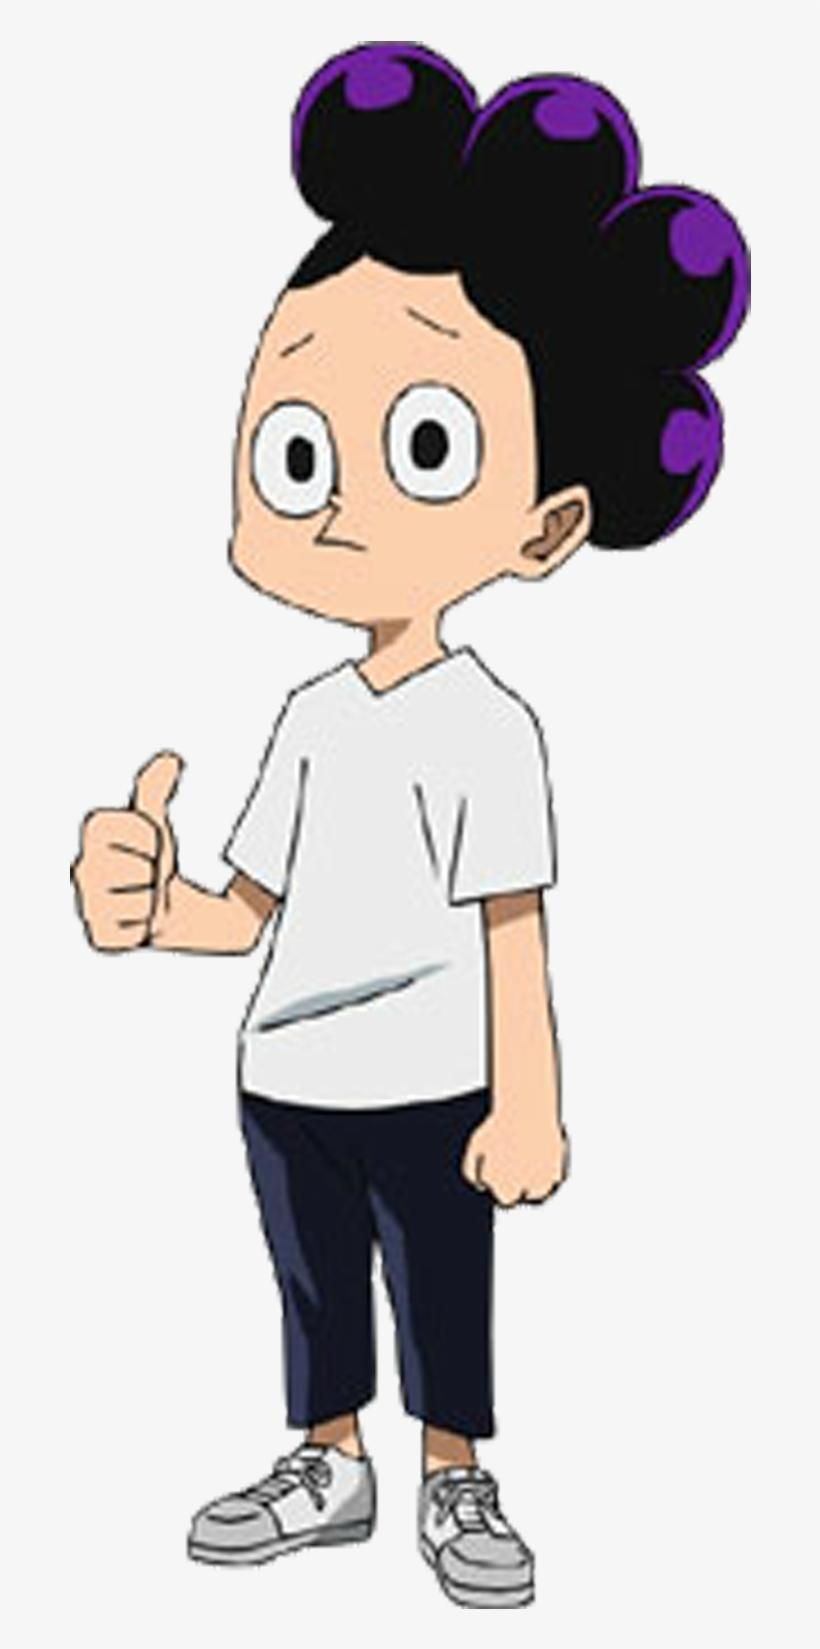 Casual Shouta Aizawa Tsuyu Asui Boku No Hero Academia